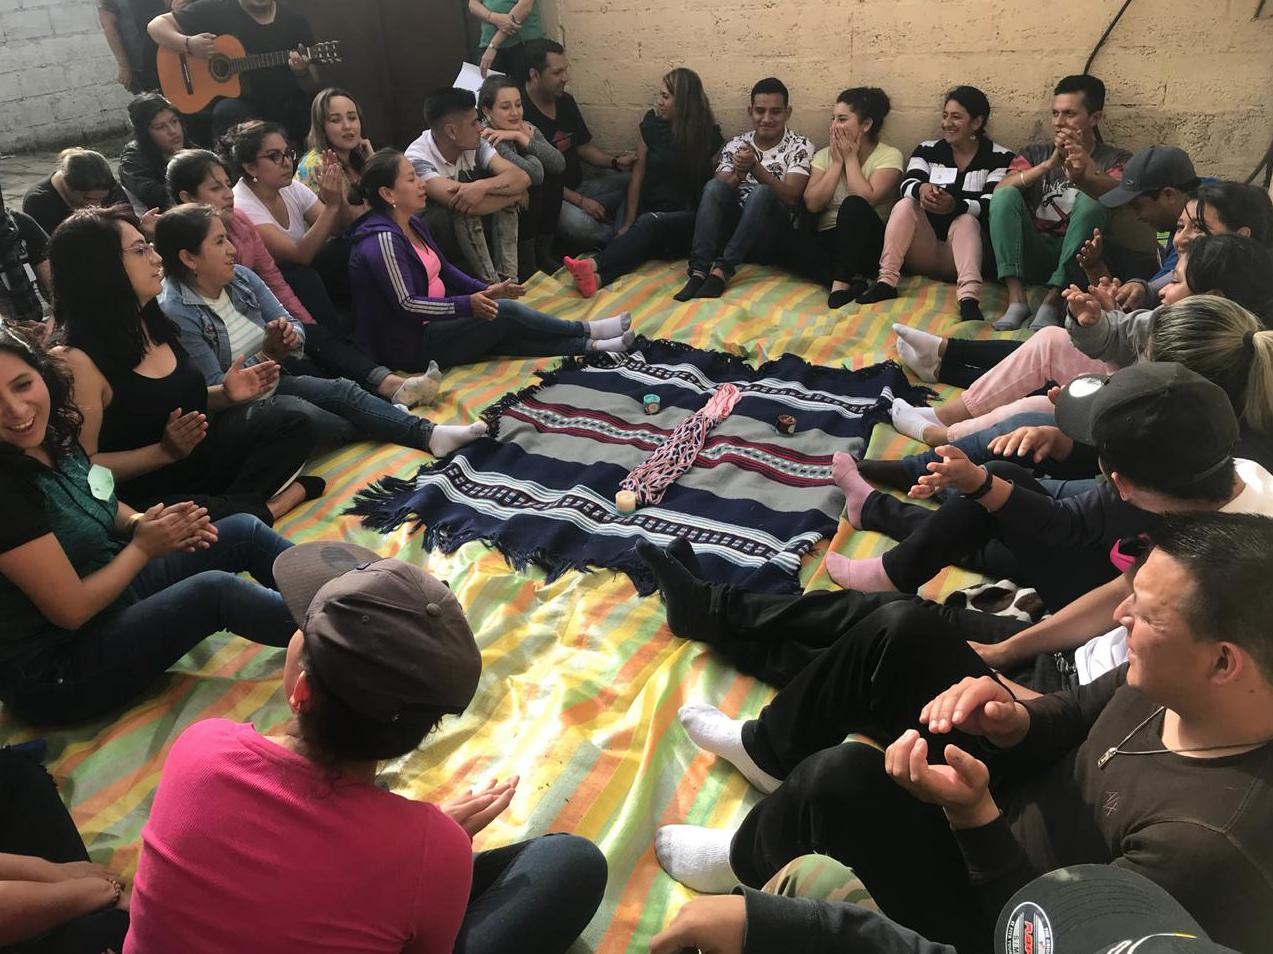 Taller de Team building – Solución de conflictos  Cultura resiliente y cuerdas.   COAC – FASAYÑAN – FUNDER, Cuenca